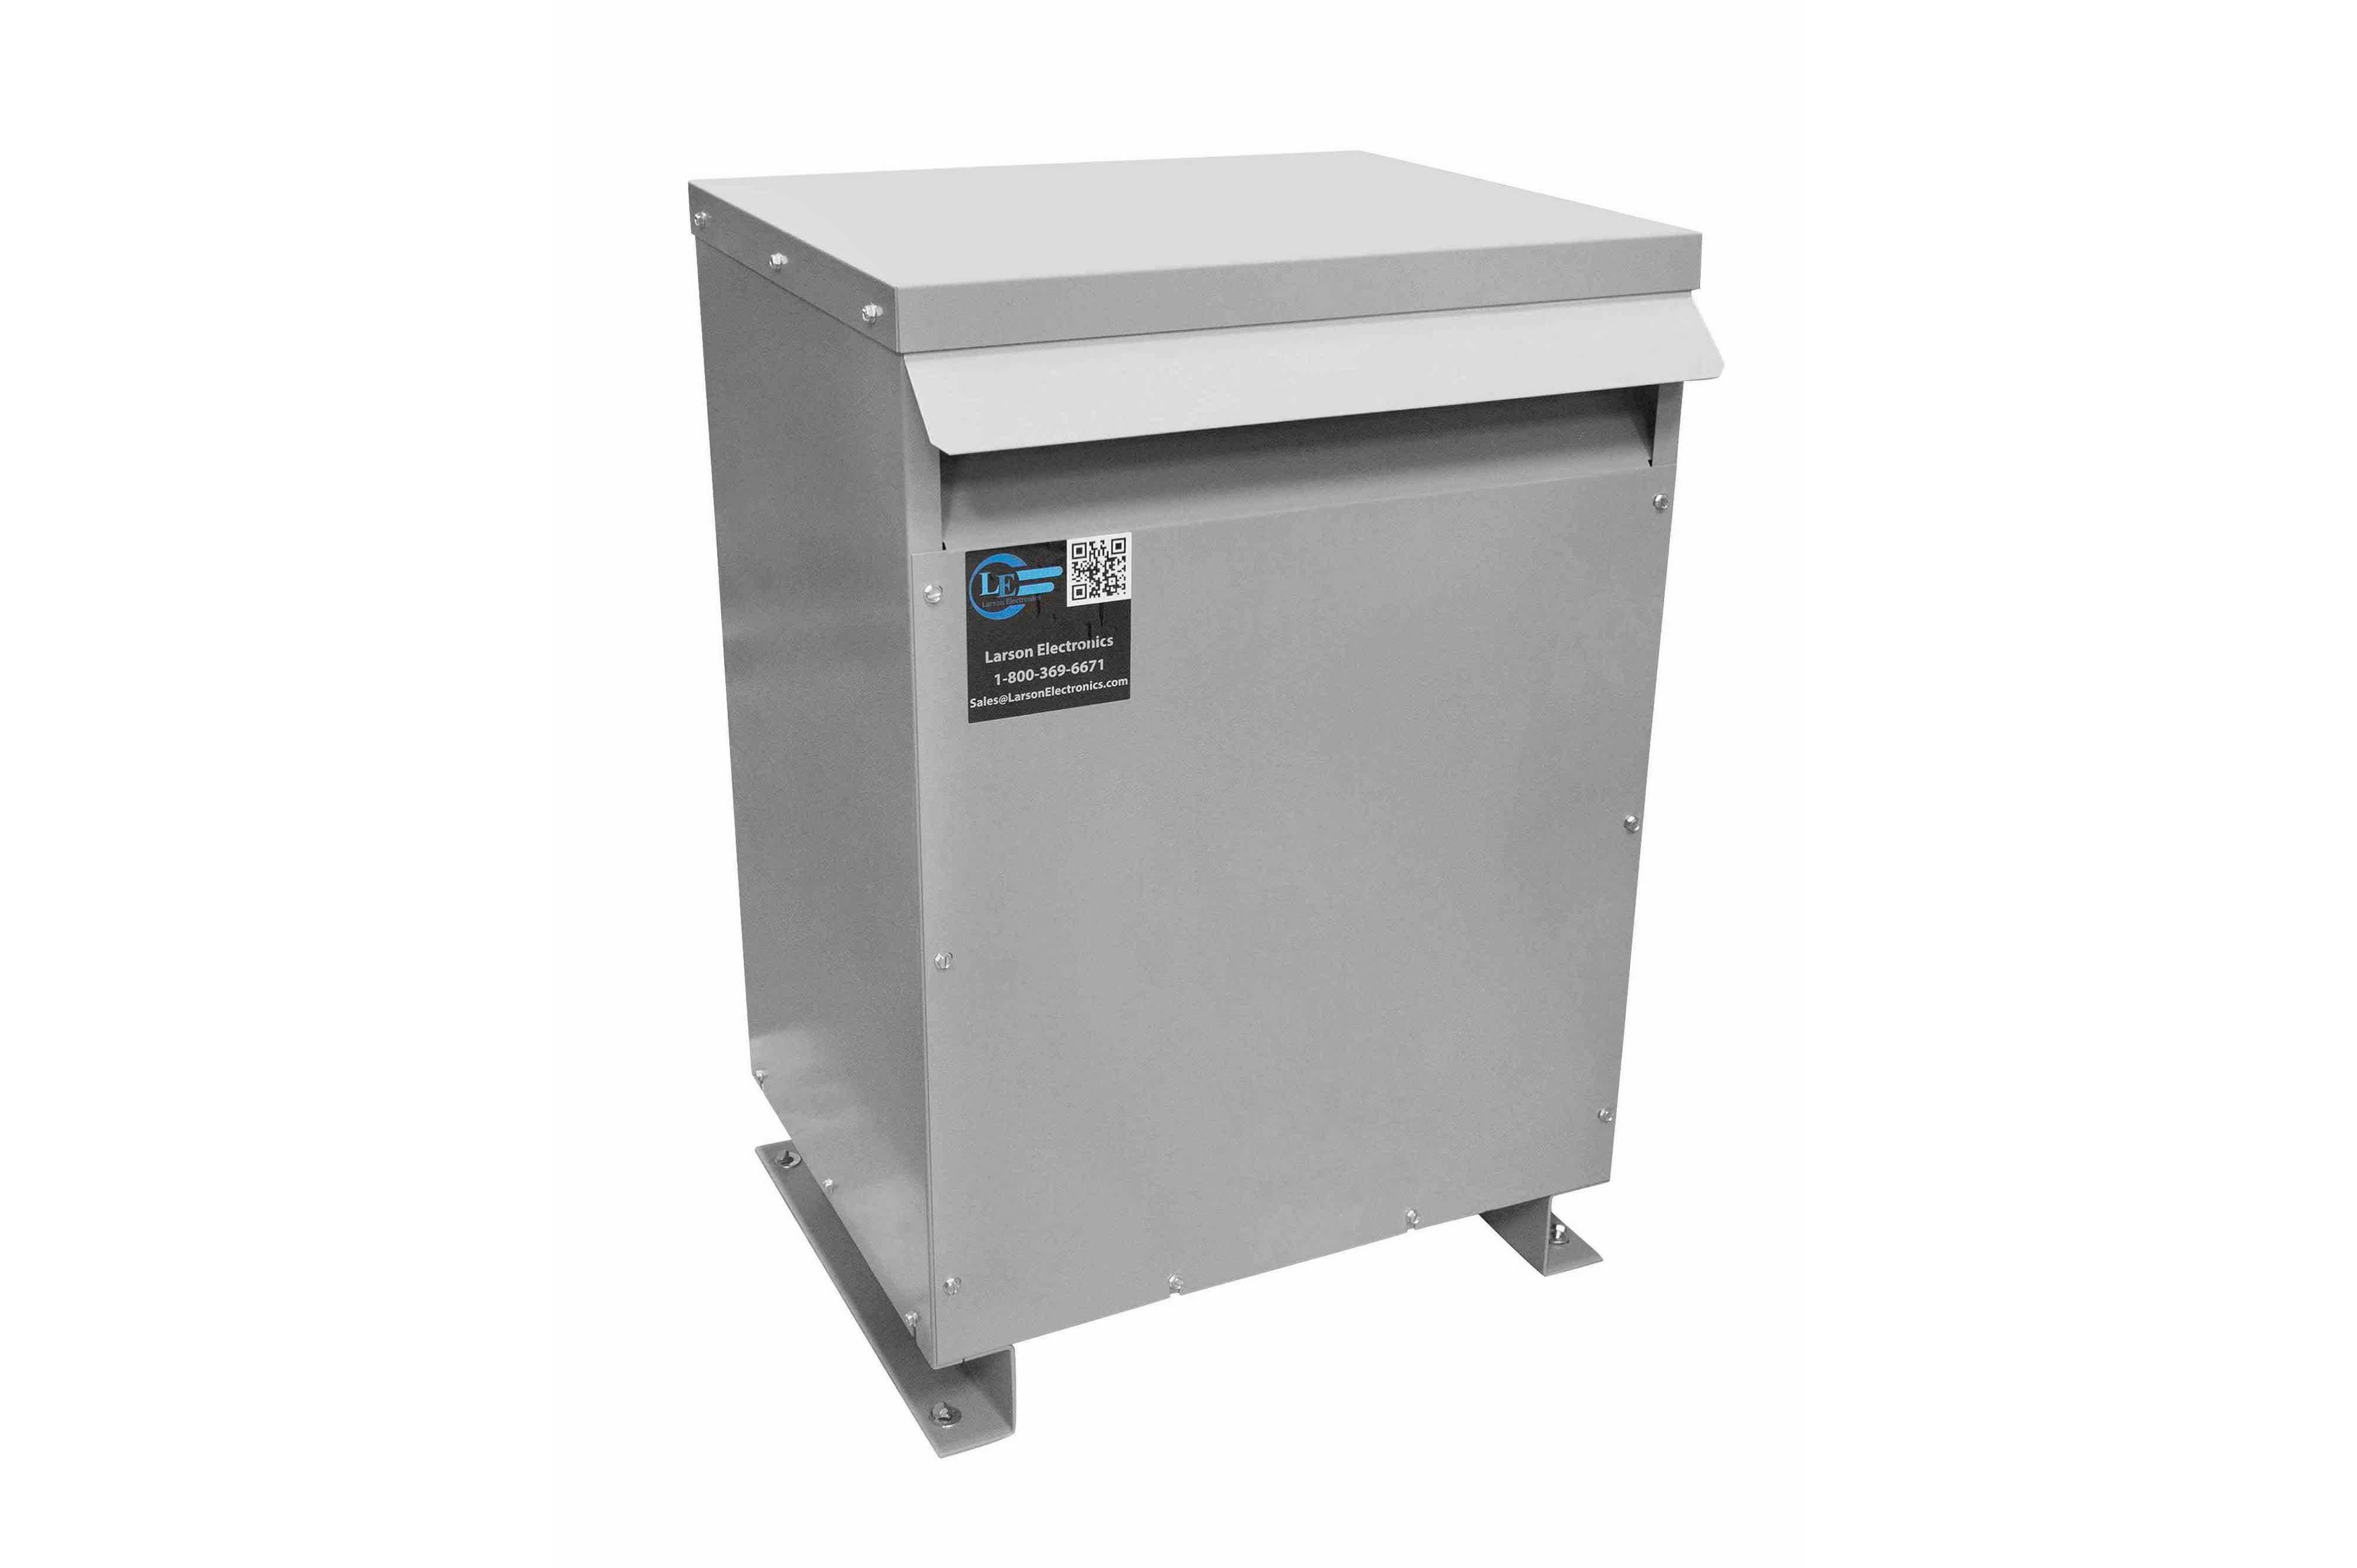 38 kVA 3PH Isolation Transformer, 480V Delta Primary, 400V Delta Secondary, N3R, Ventilated, 60 Hz